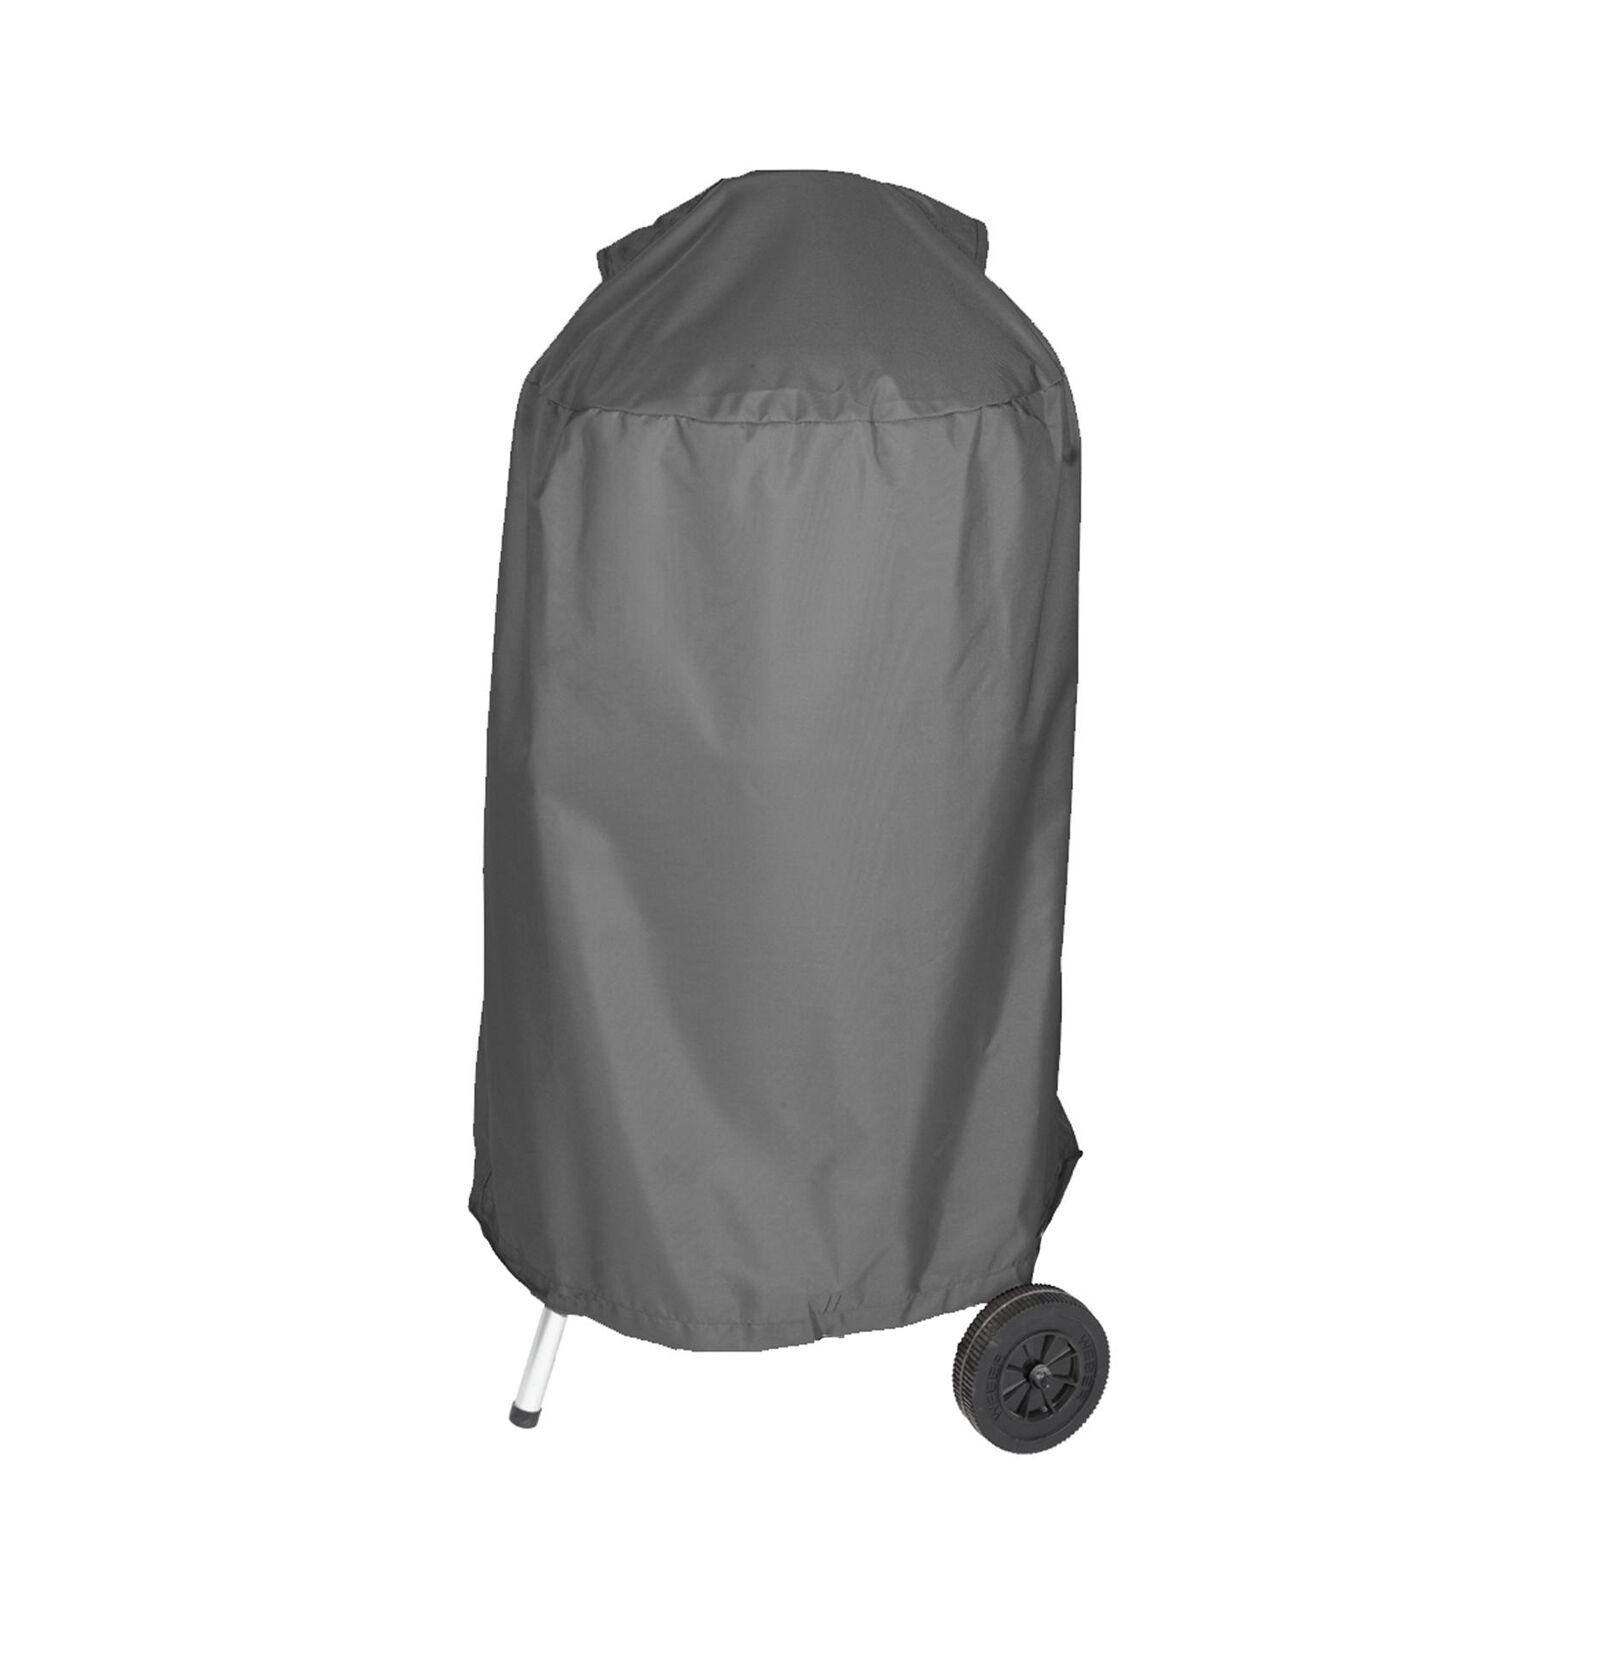 milani home copertura - telo di copertura barbecue rotondo cm diam. 60x80 h